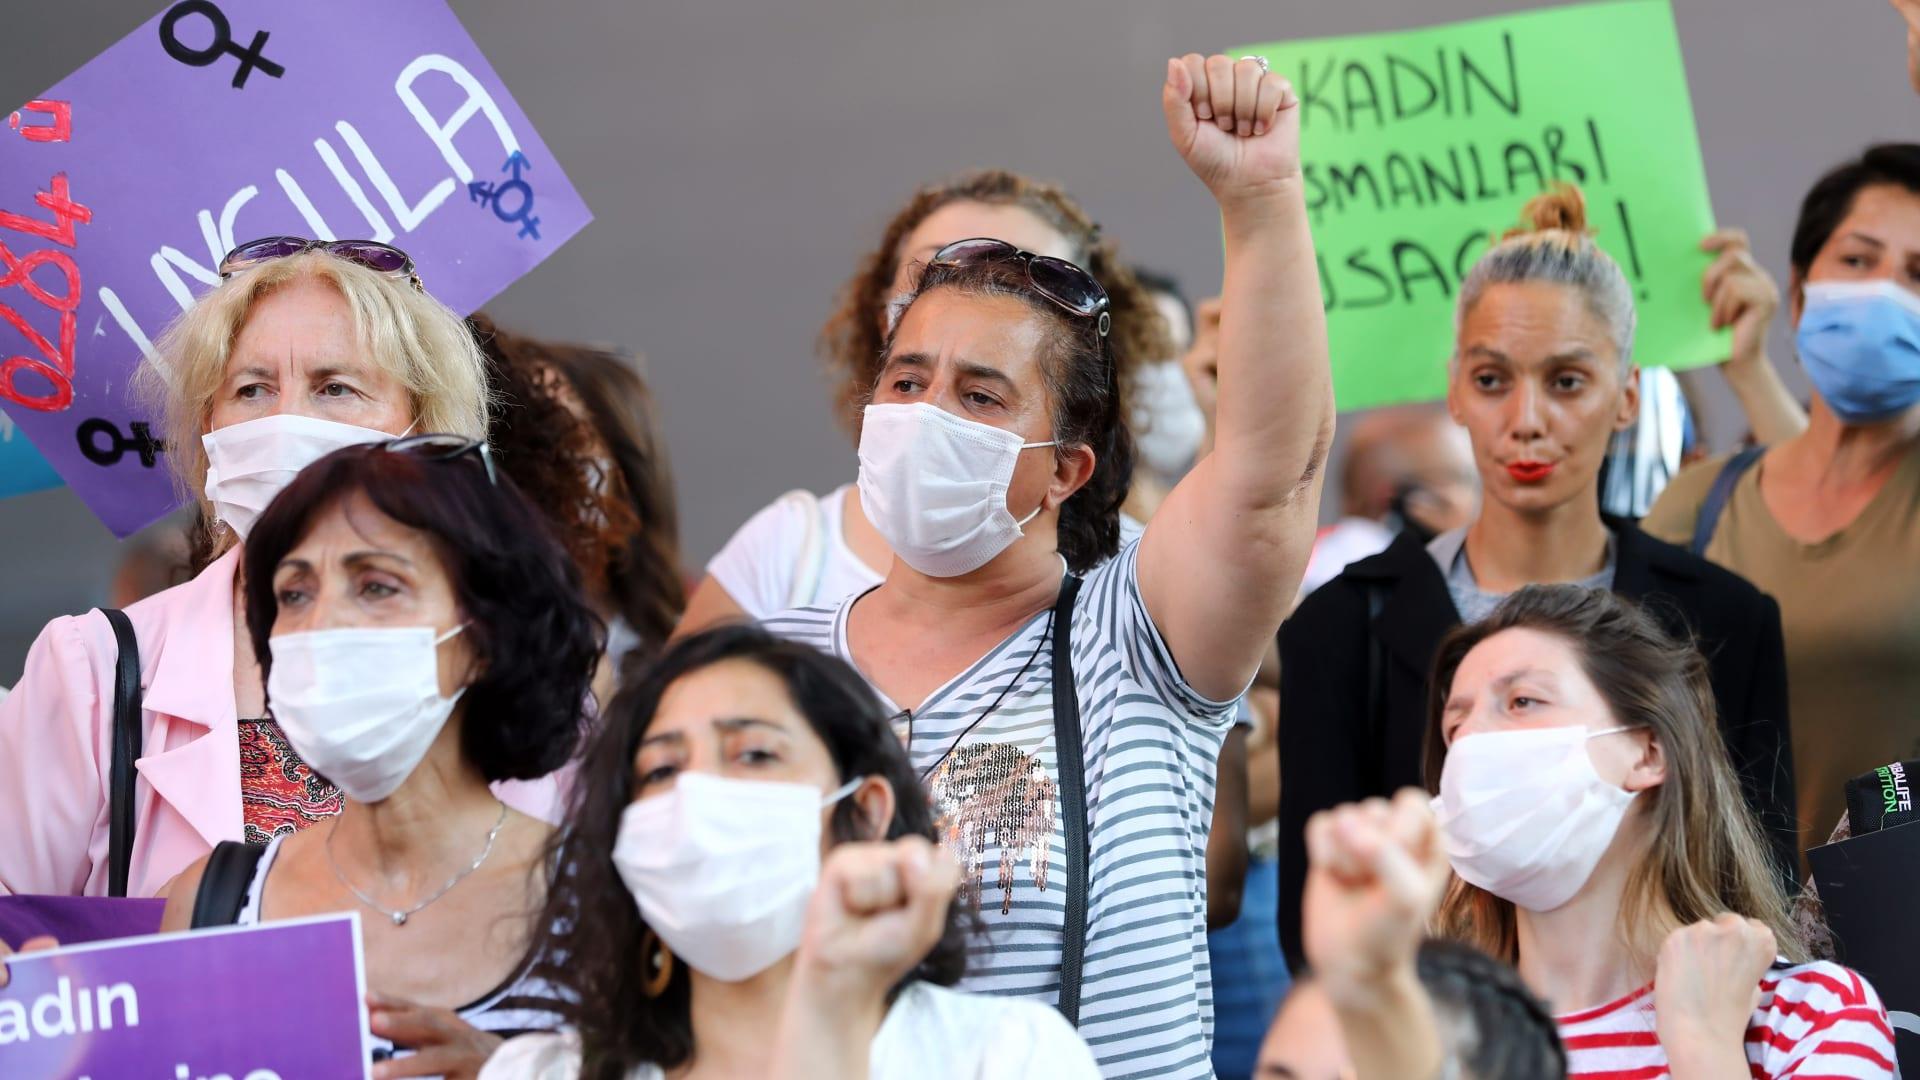 منظمة الصحة العالمية: تتعرض 1 من 3 نساء للعنف بالعالم ولا يعكس هذا الرقم تأثير جائحة كورونا